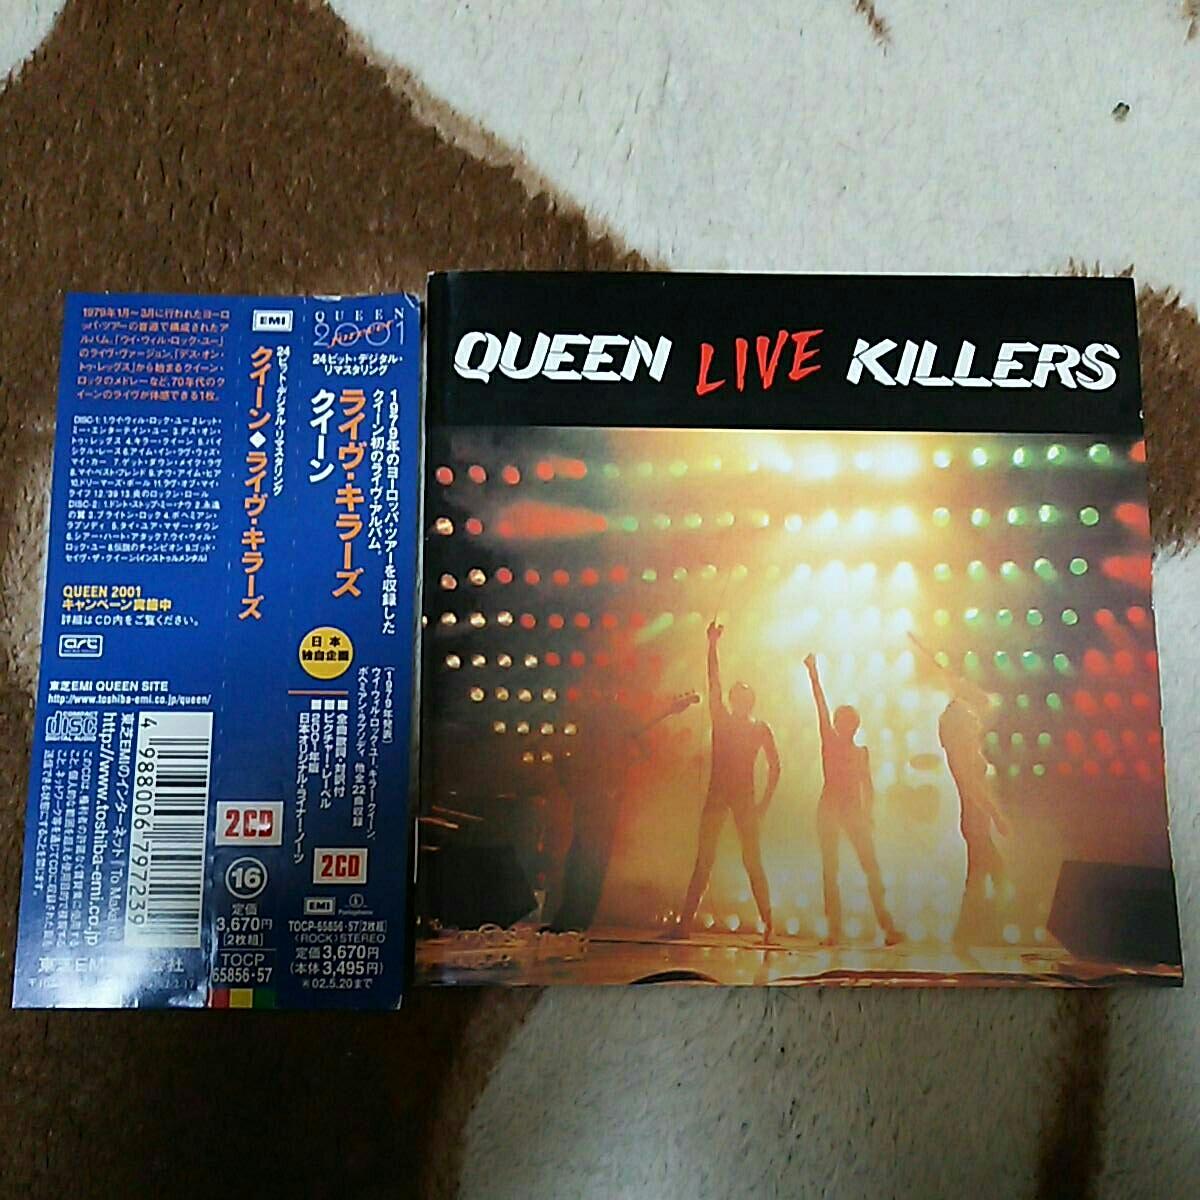 Queen/Live Killers クイーン/ライヴ・キラーズ 国内盤 2枚組 CD 帯付き リマスター